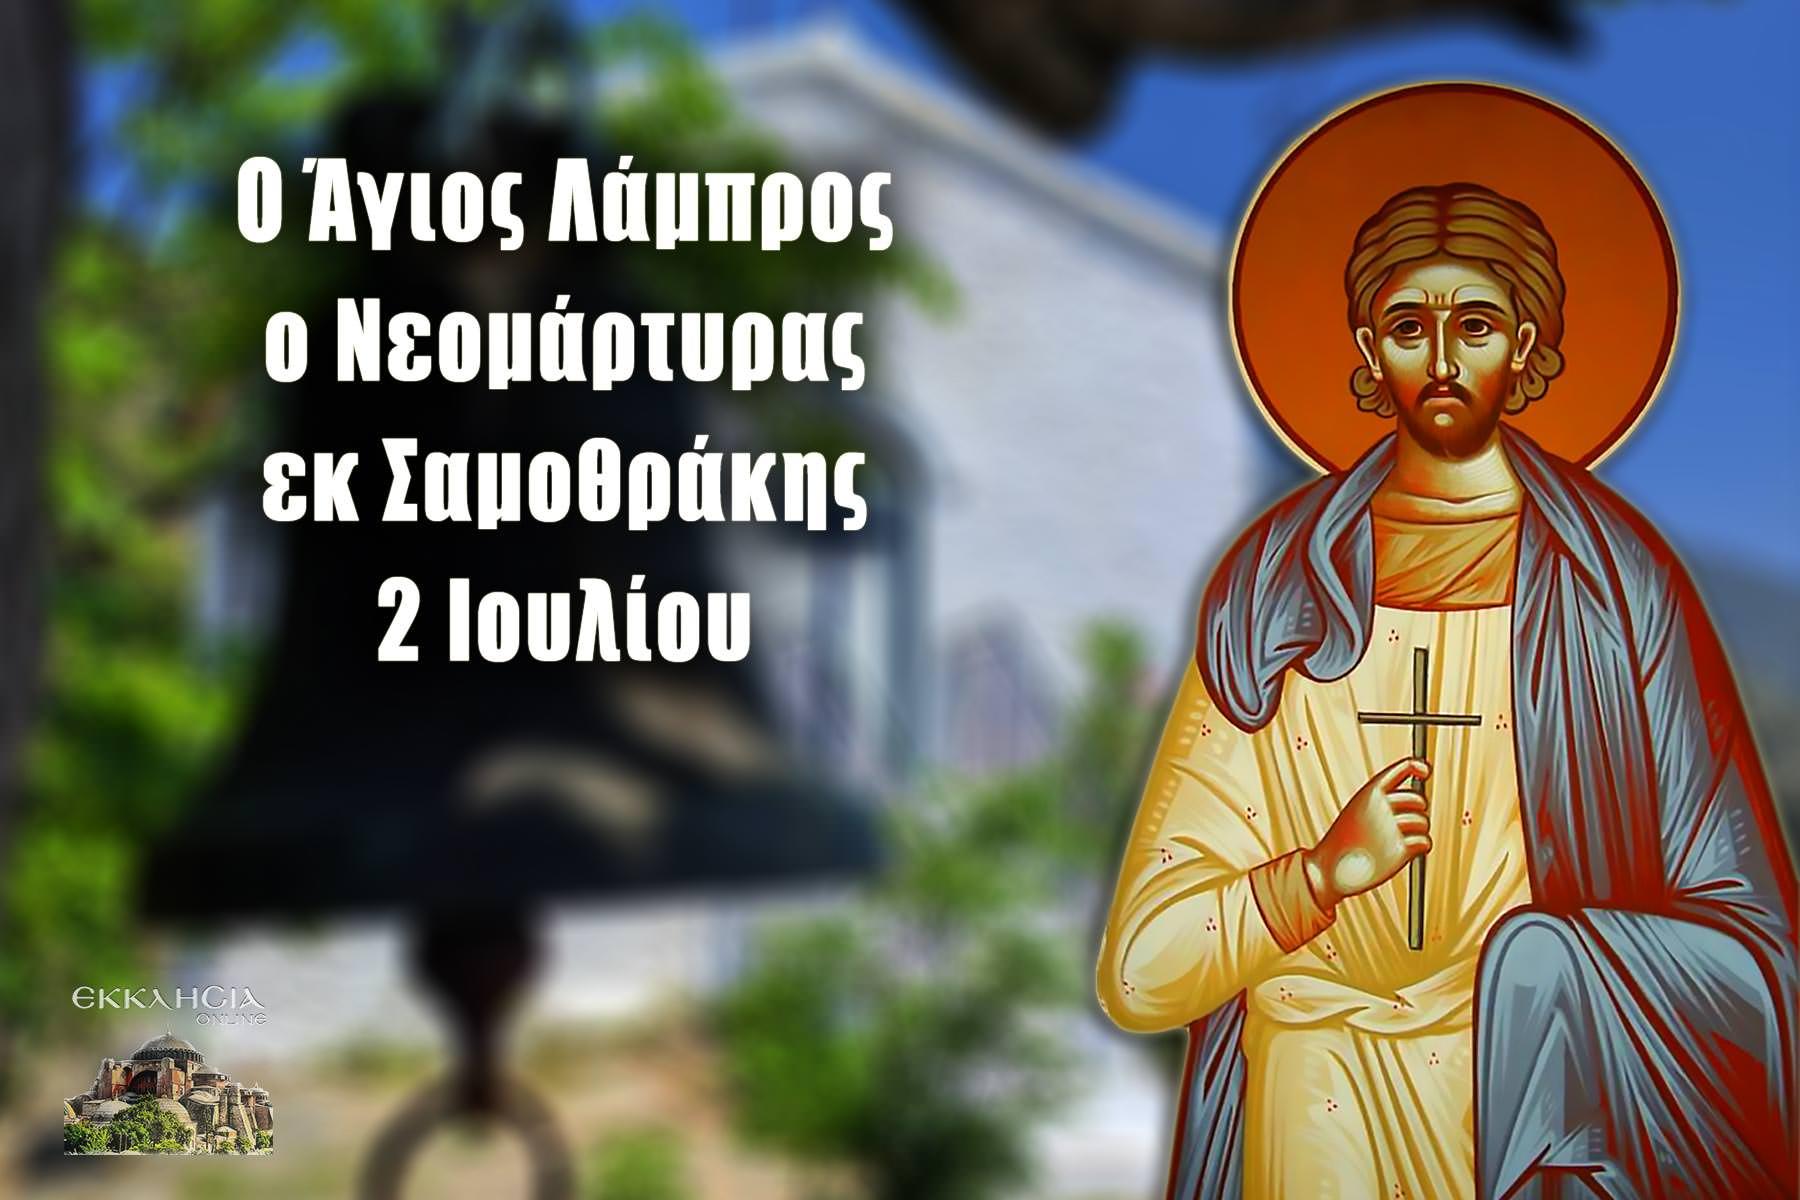 Άγιος Λάμπρος εκ Σαμοθράκης 2 Ιουλίου